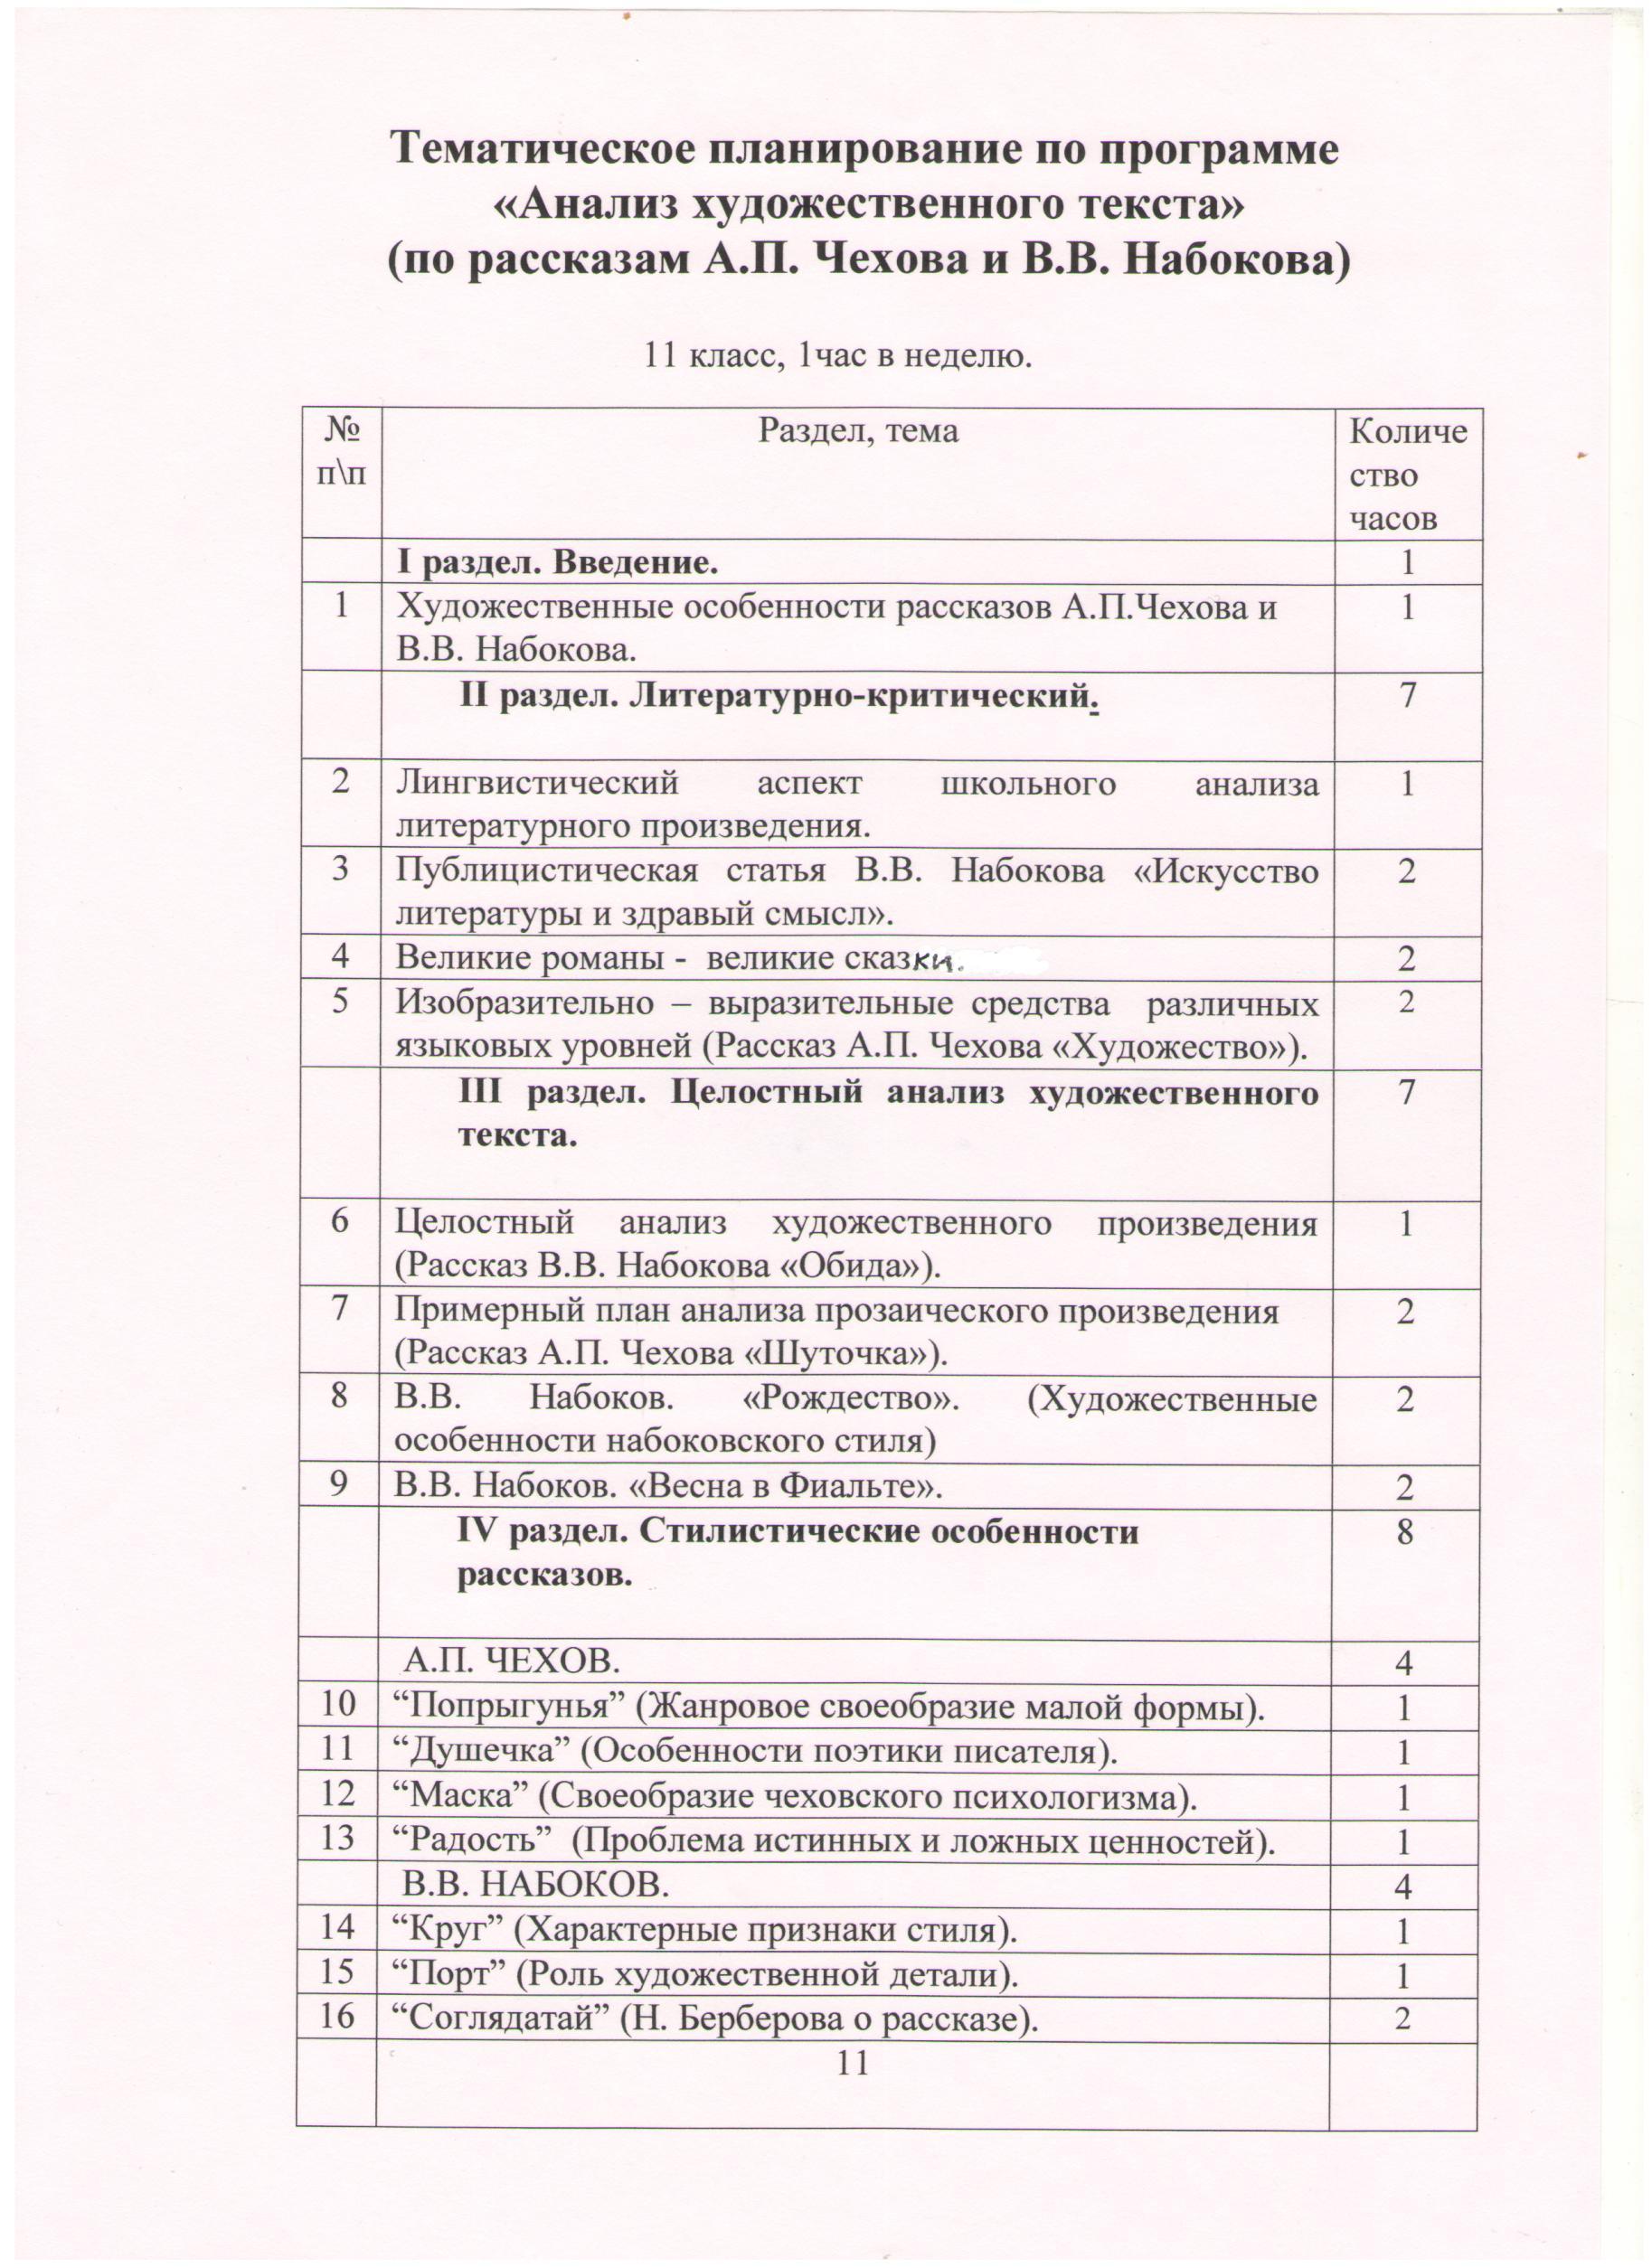 C:\Documents and Settings\Учитель\Рабочий стол\Новая папка\Работа Светы 6.jpg